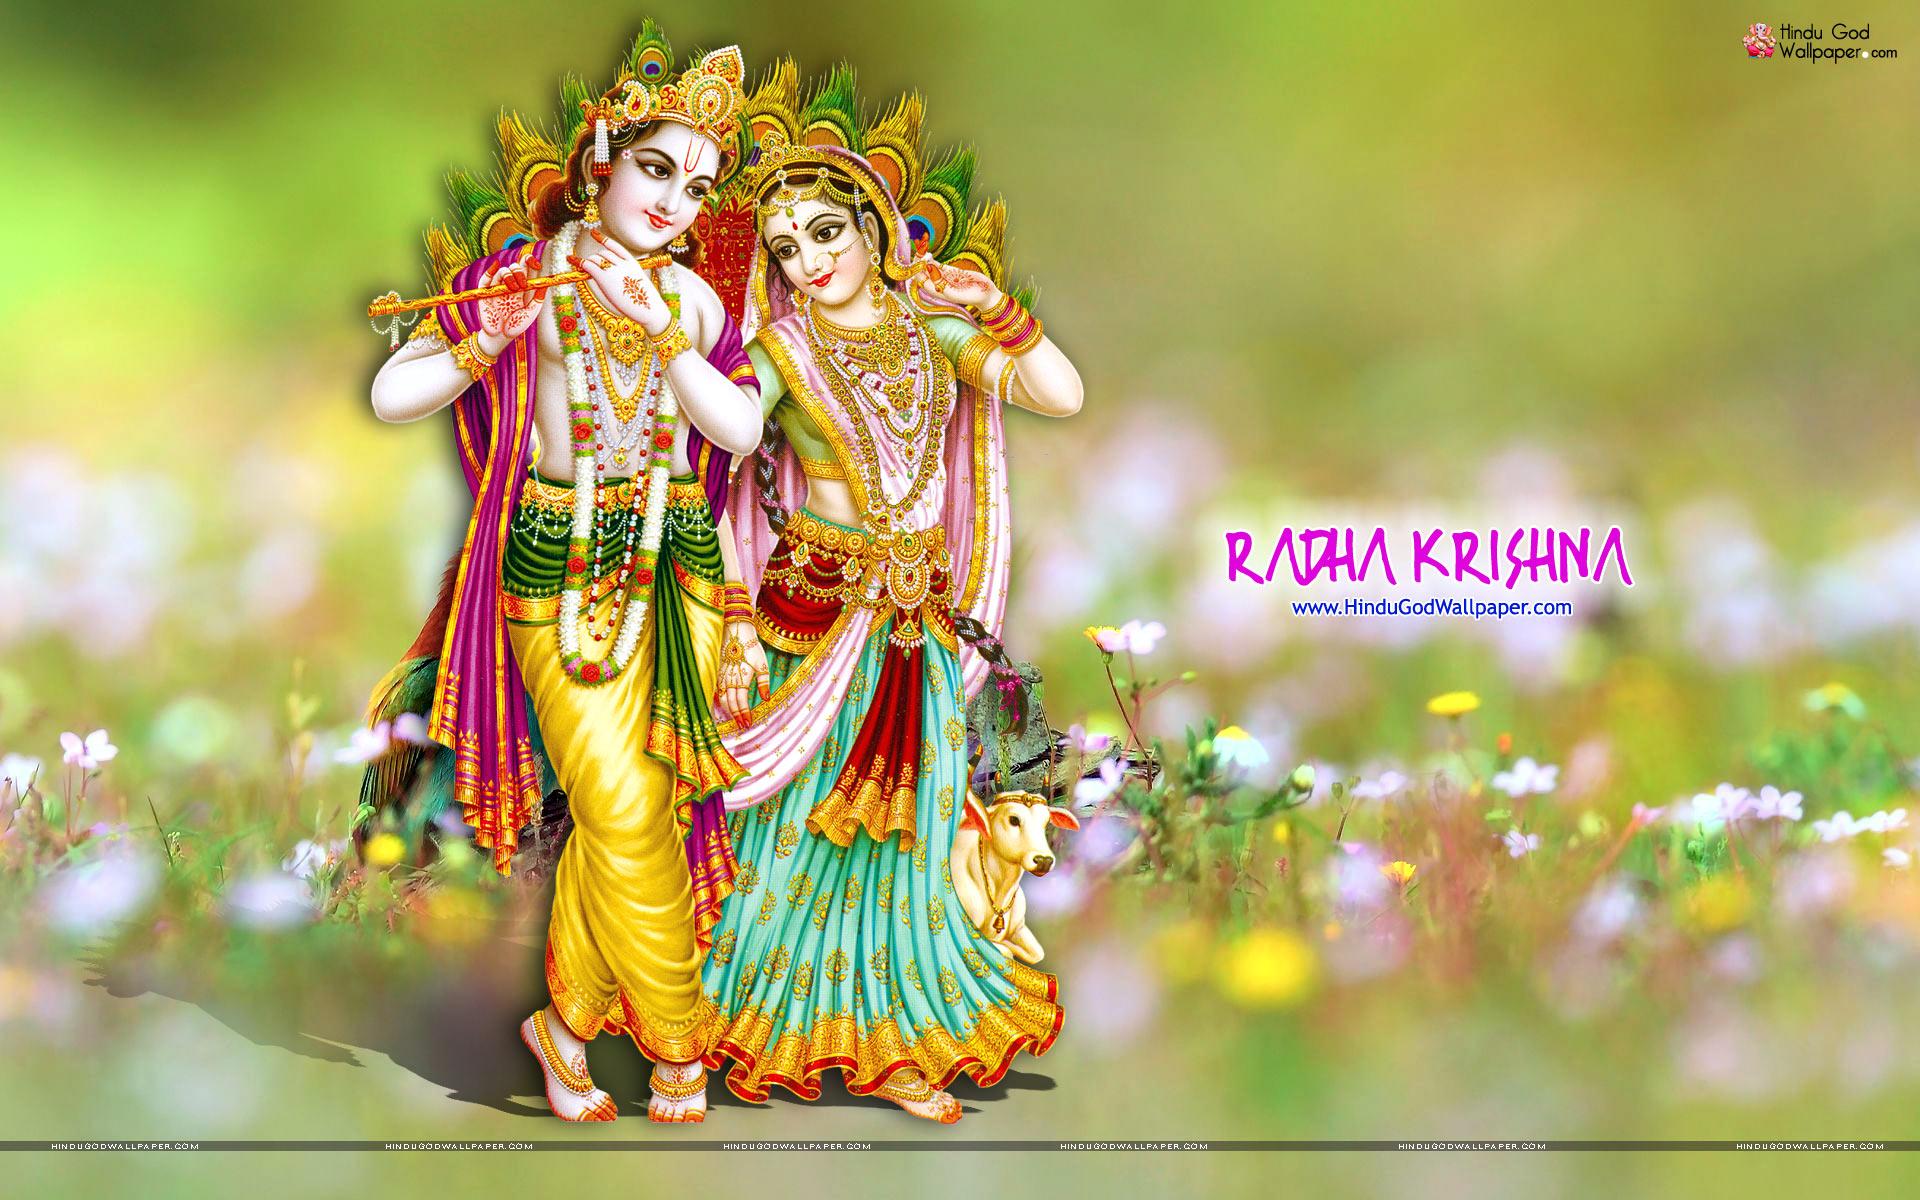 Hd wallpaper krishna - Radha Krishna Hd Wallpaper Jpg 295878